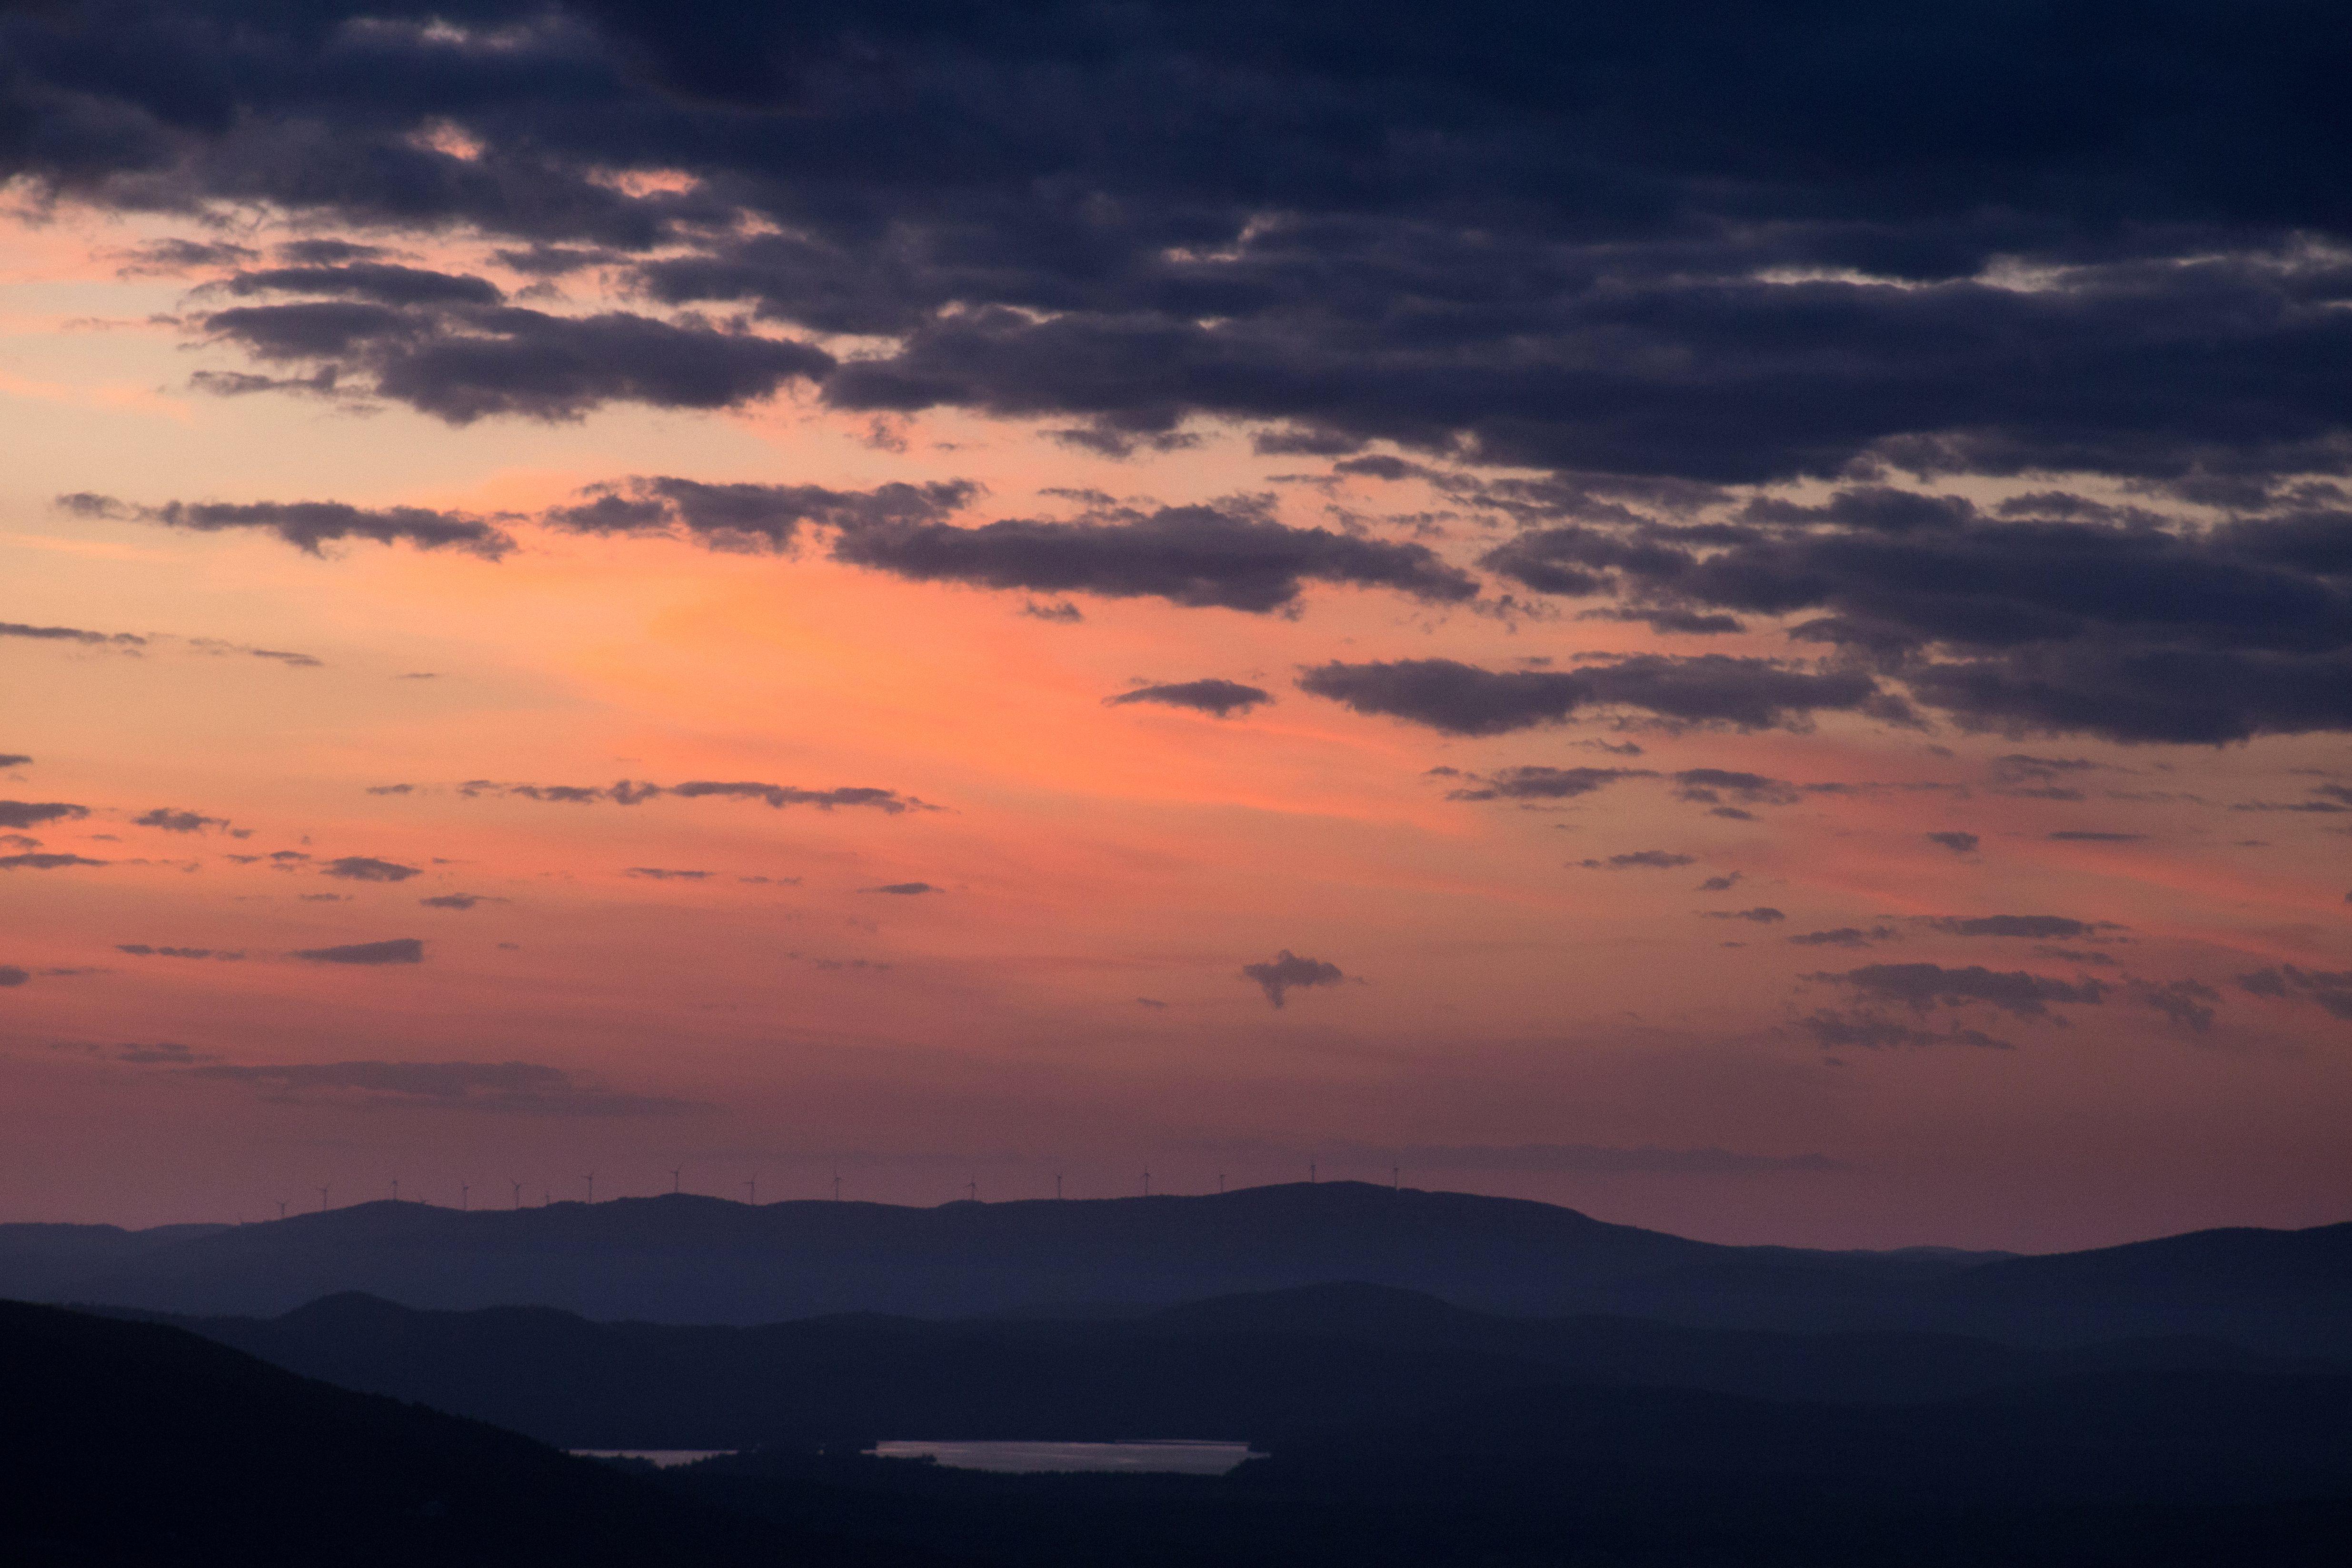 Death Valley Wallpaper Hd Foto Gratis Cielo Scuro Nuvole Nere Natura Paesaggio